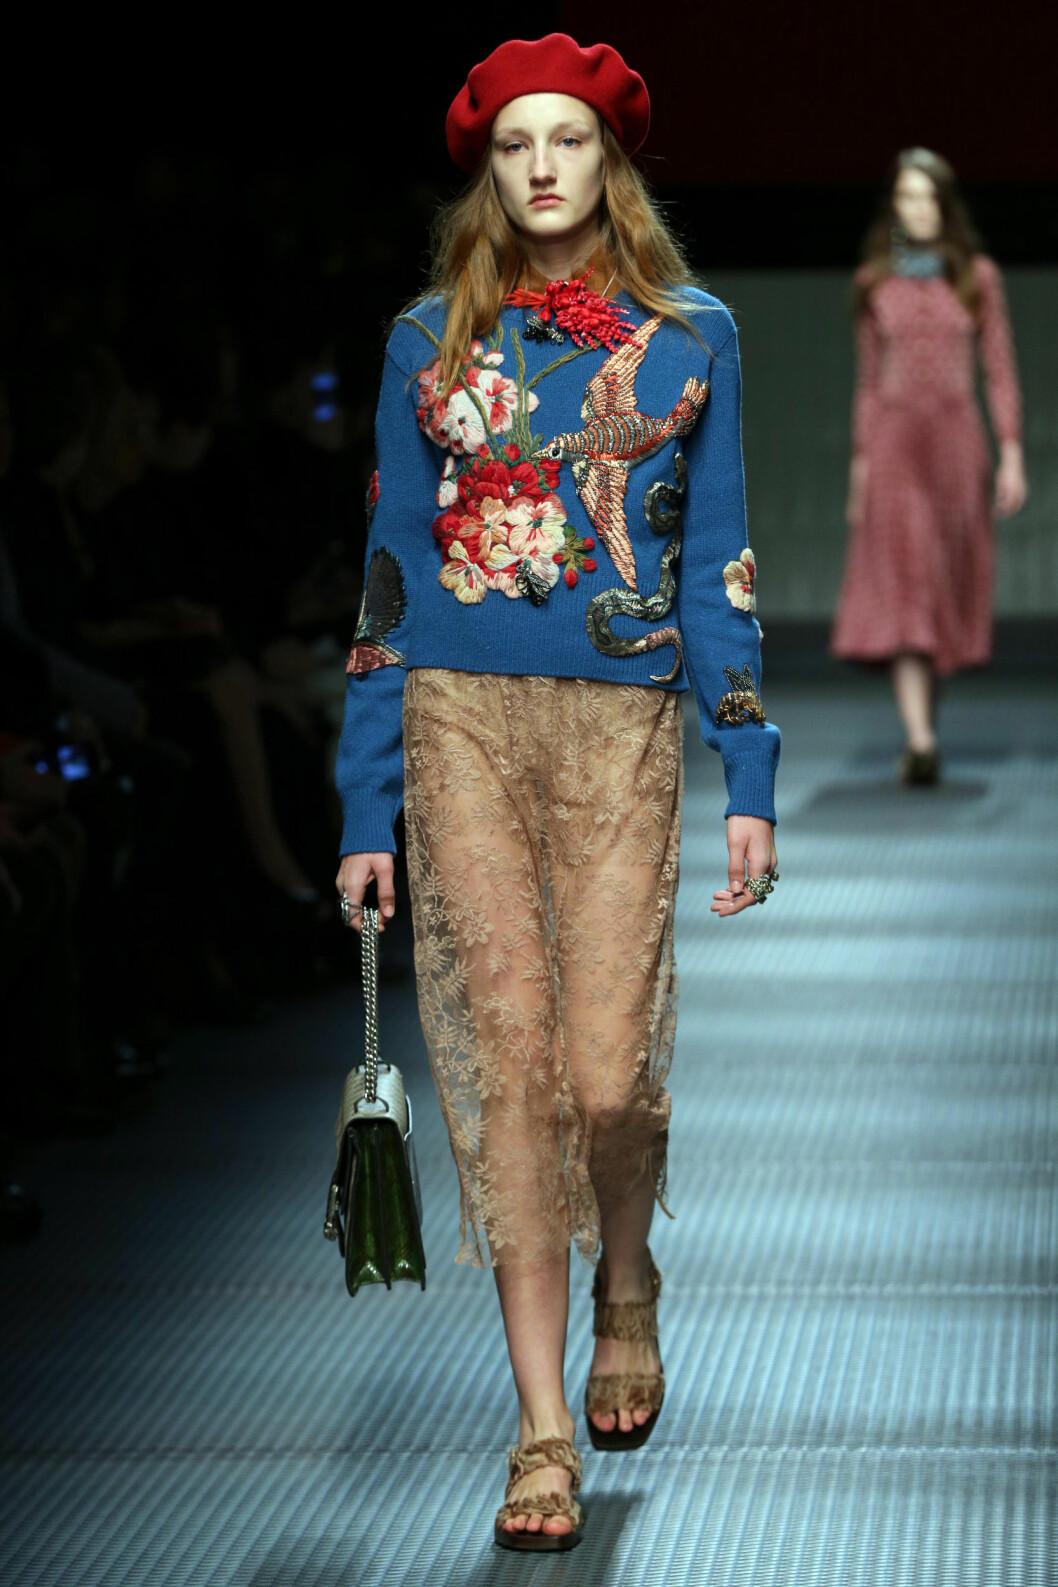 BRODERIER OG TRANSPARENTE STOFFER: Gucci, høst/vinter 2015/2016. Foto: insight media/All Over Press